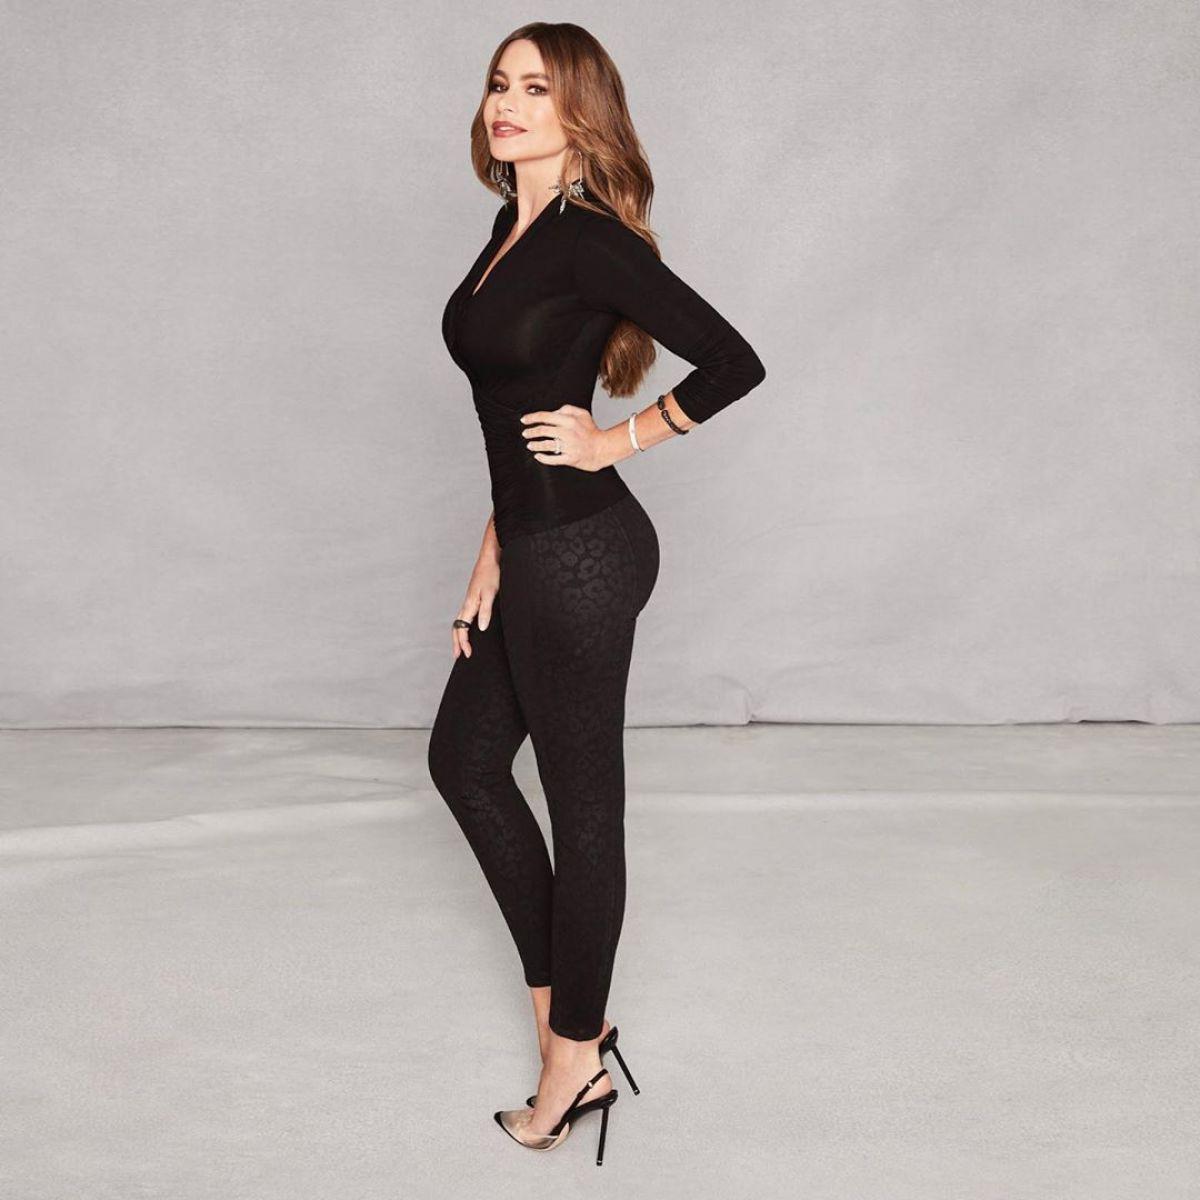 Sofia Vergara Sexy In Jeans